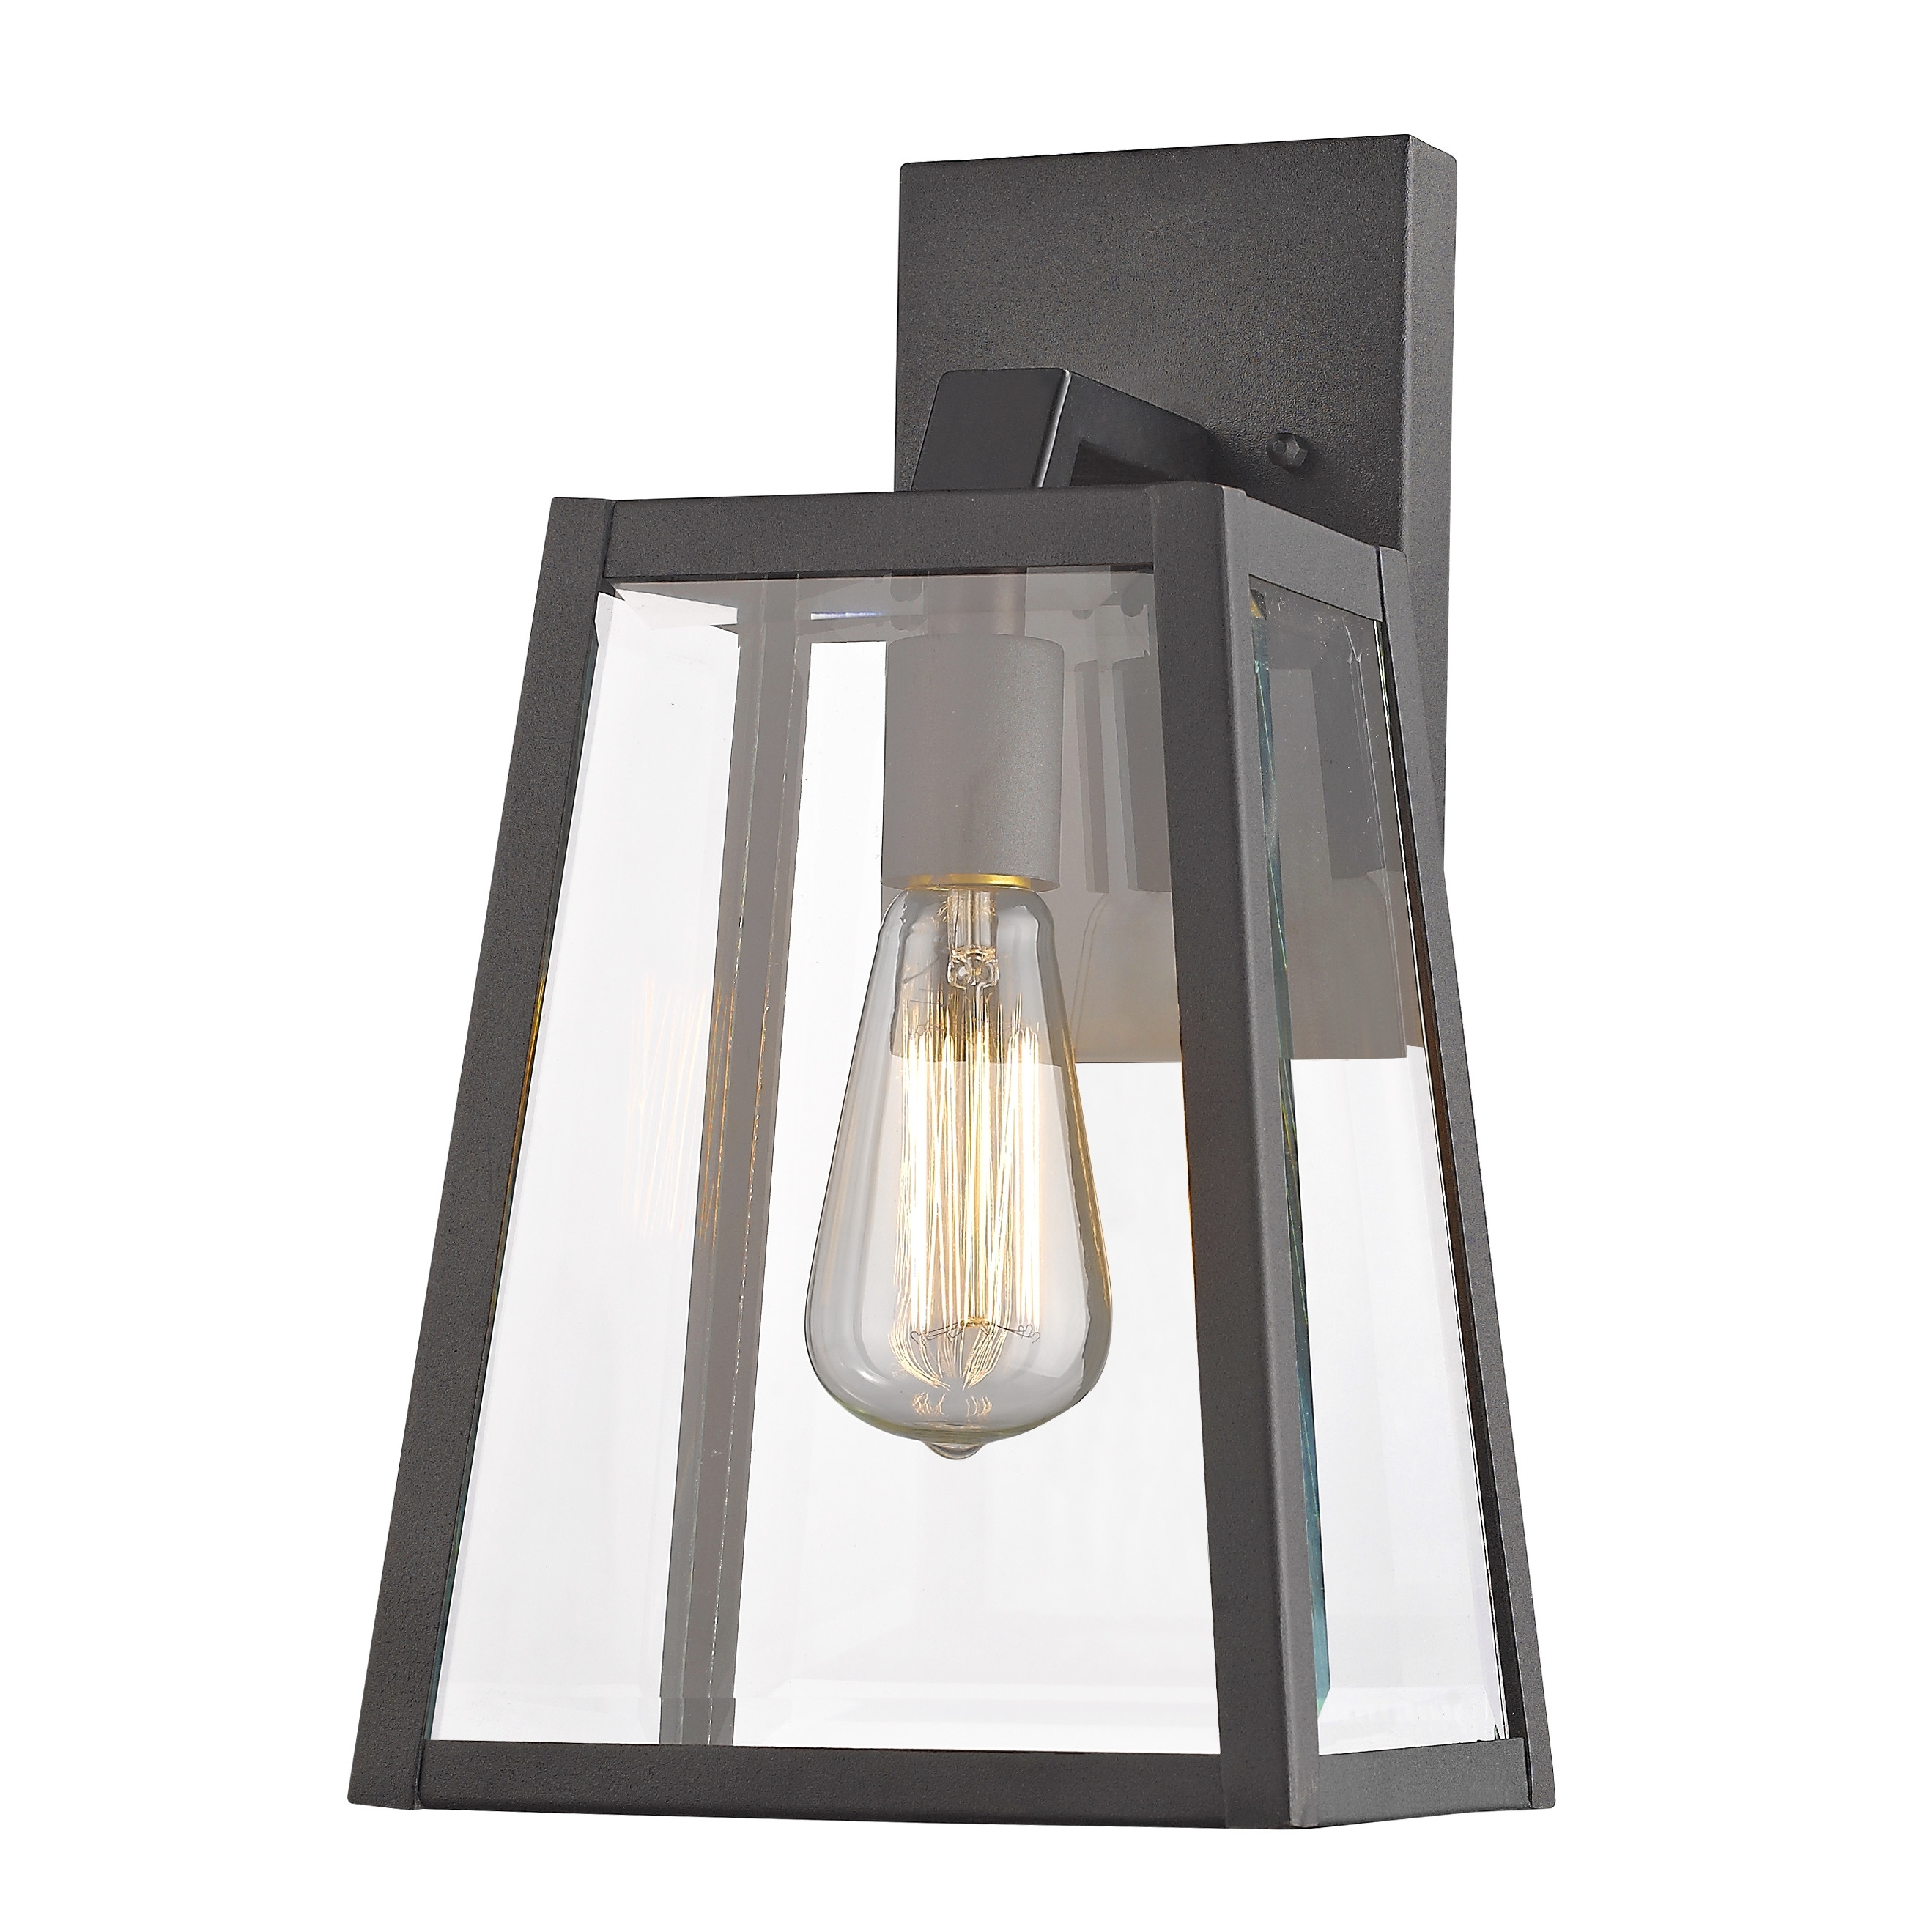 Current Modern Rustic Outdoor Lighting Att Wayfair Within Lighting Dover Floor Lamp ~ Loversiq (Gallery 6 of 20)